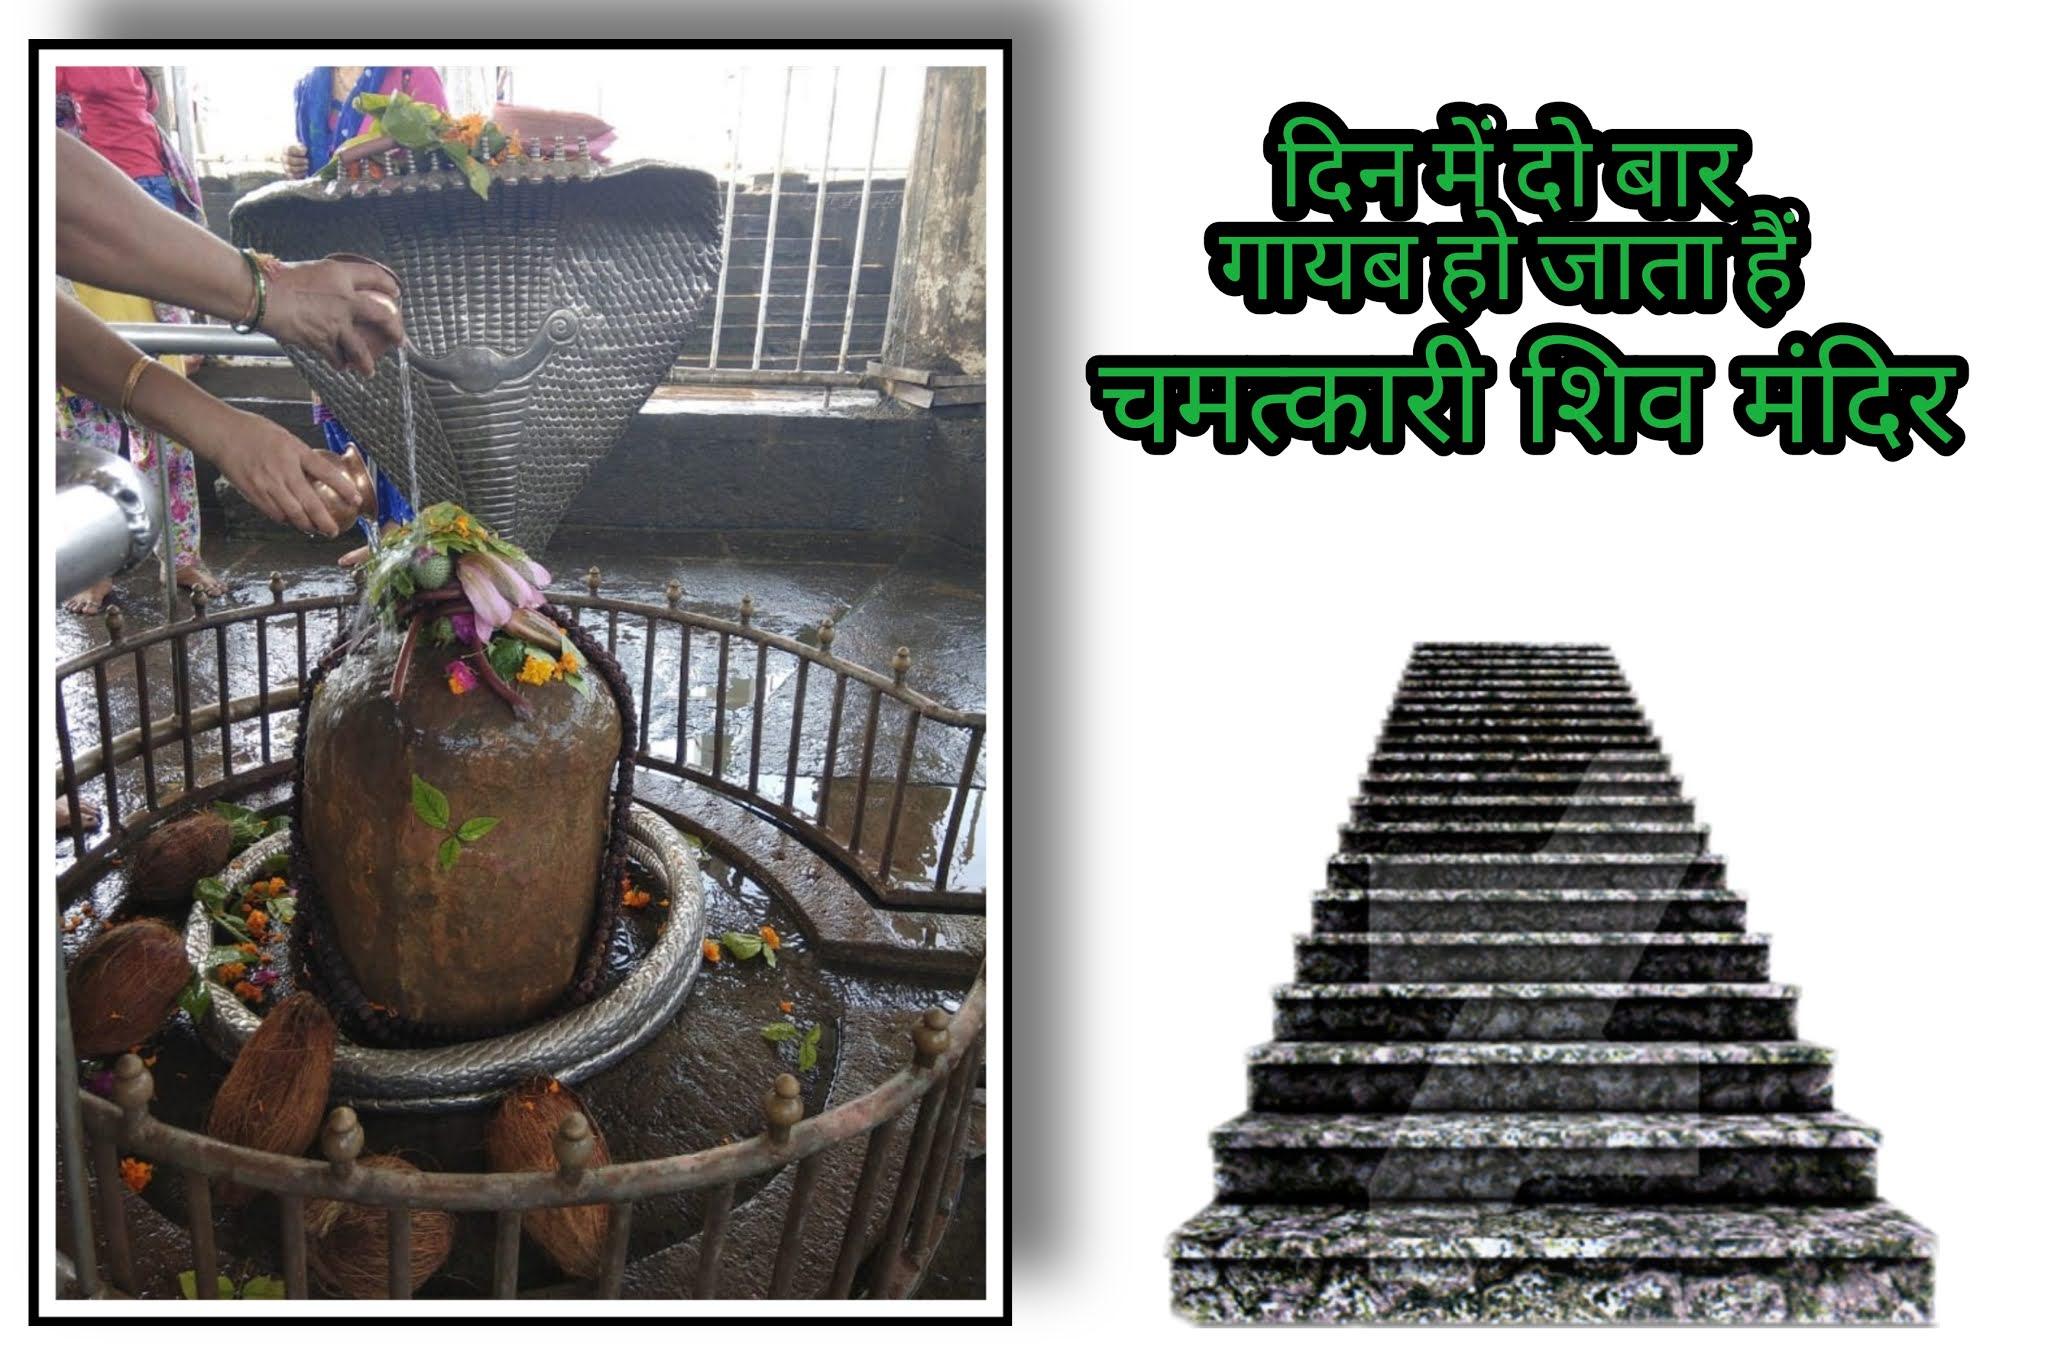 दिन में दो बार गायब हो जाता हैं ये चमत्कारी शिव मंदिर, जानिए क्या हैं रहस्य,  Shree Stambheshwar Mahadev disappearing Temple